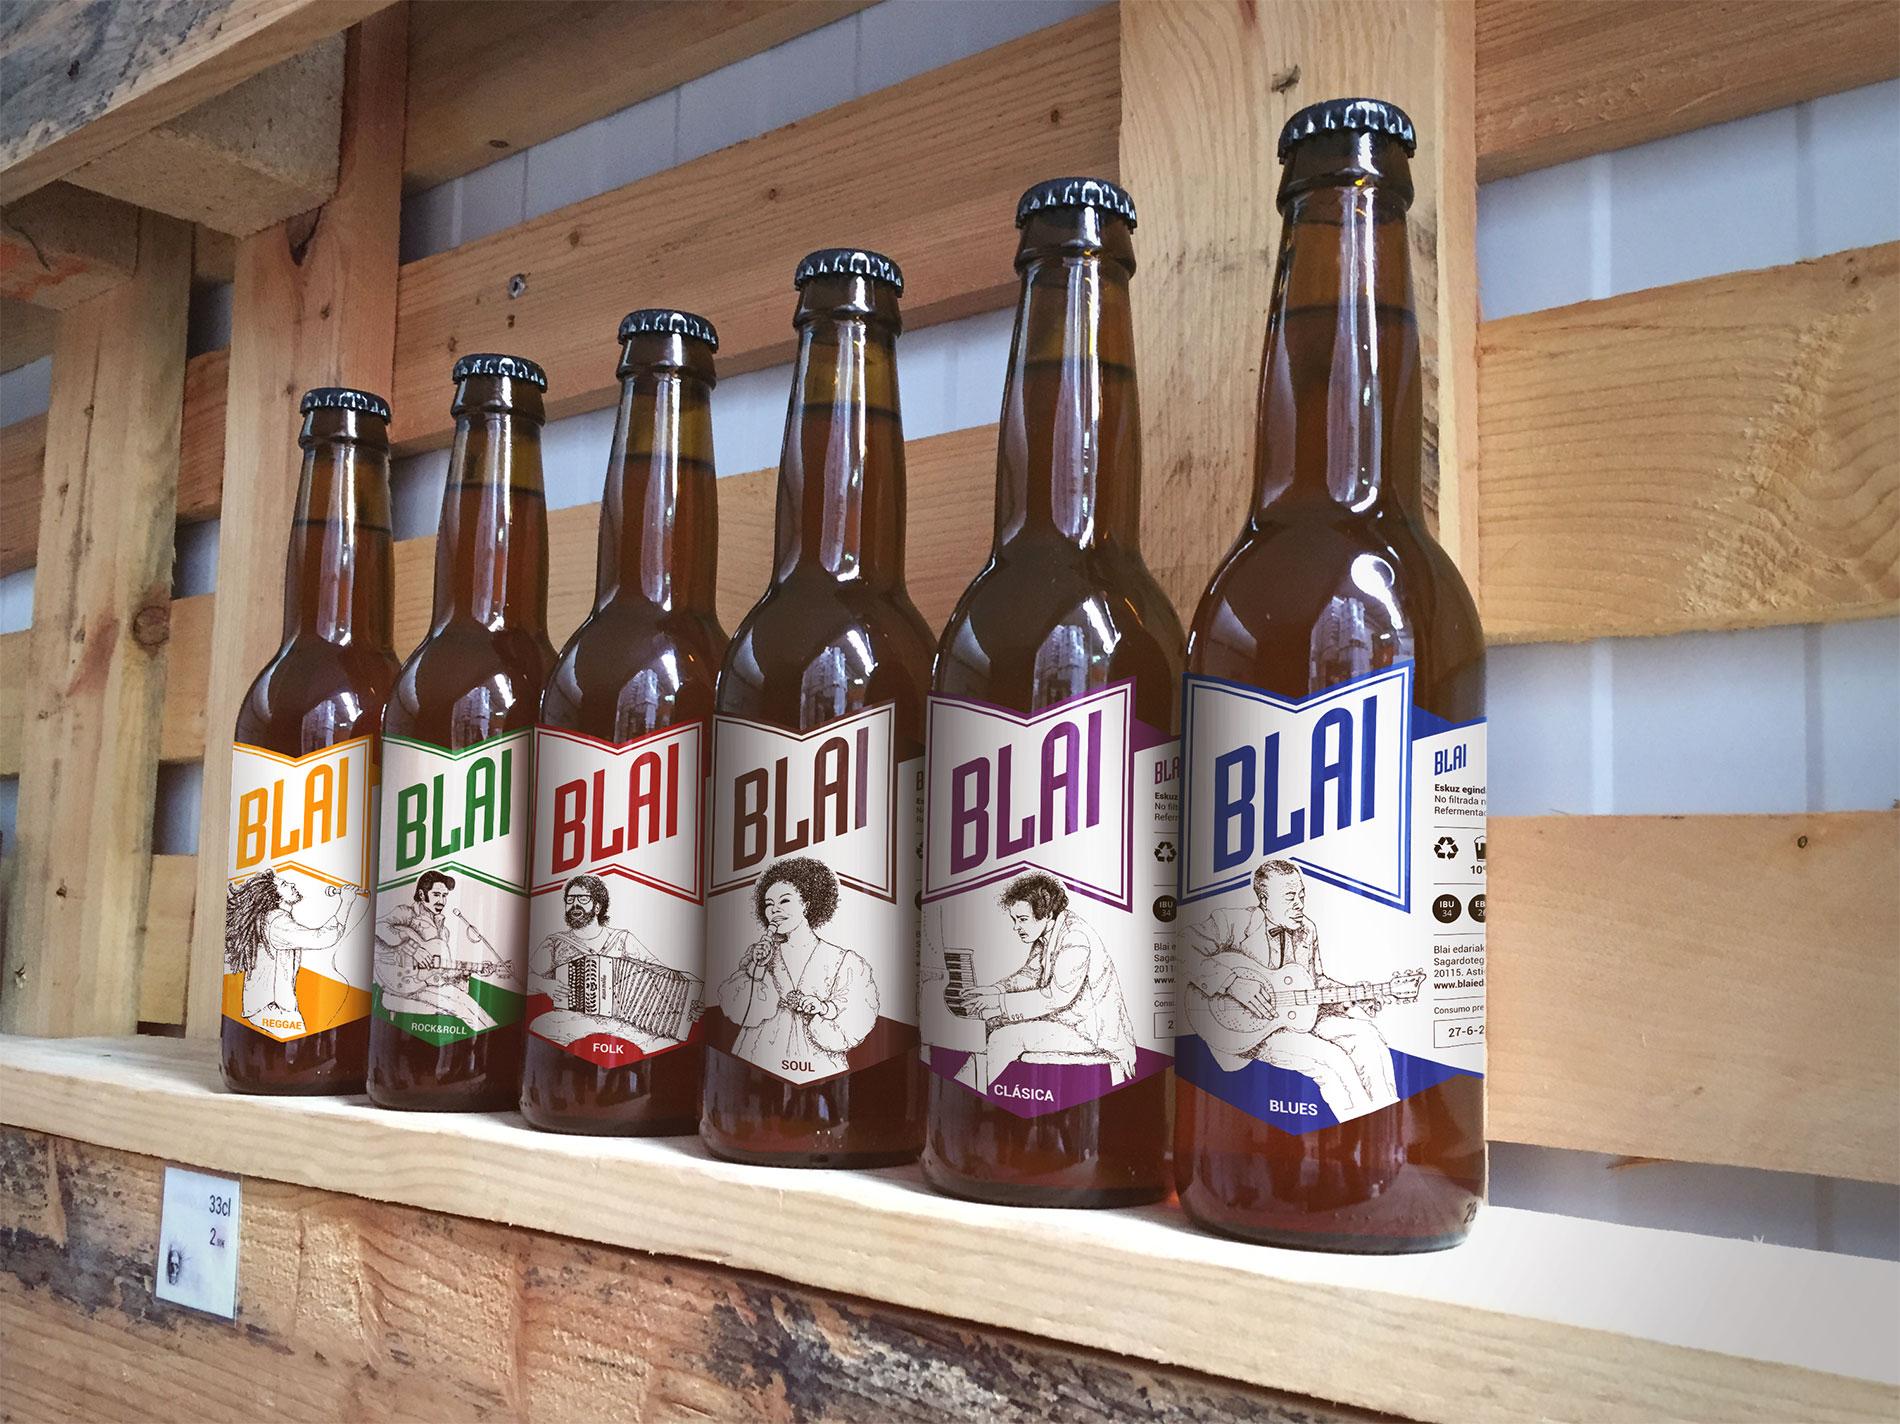 Blai / Cervezas artesanas - Marca, etiqueta, ilustración, web 1